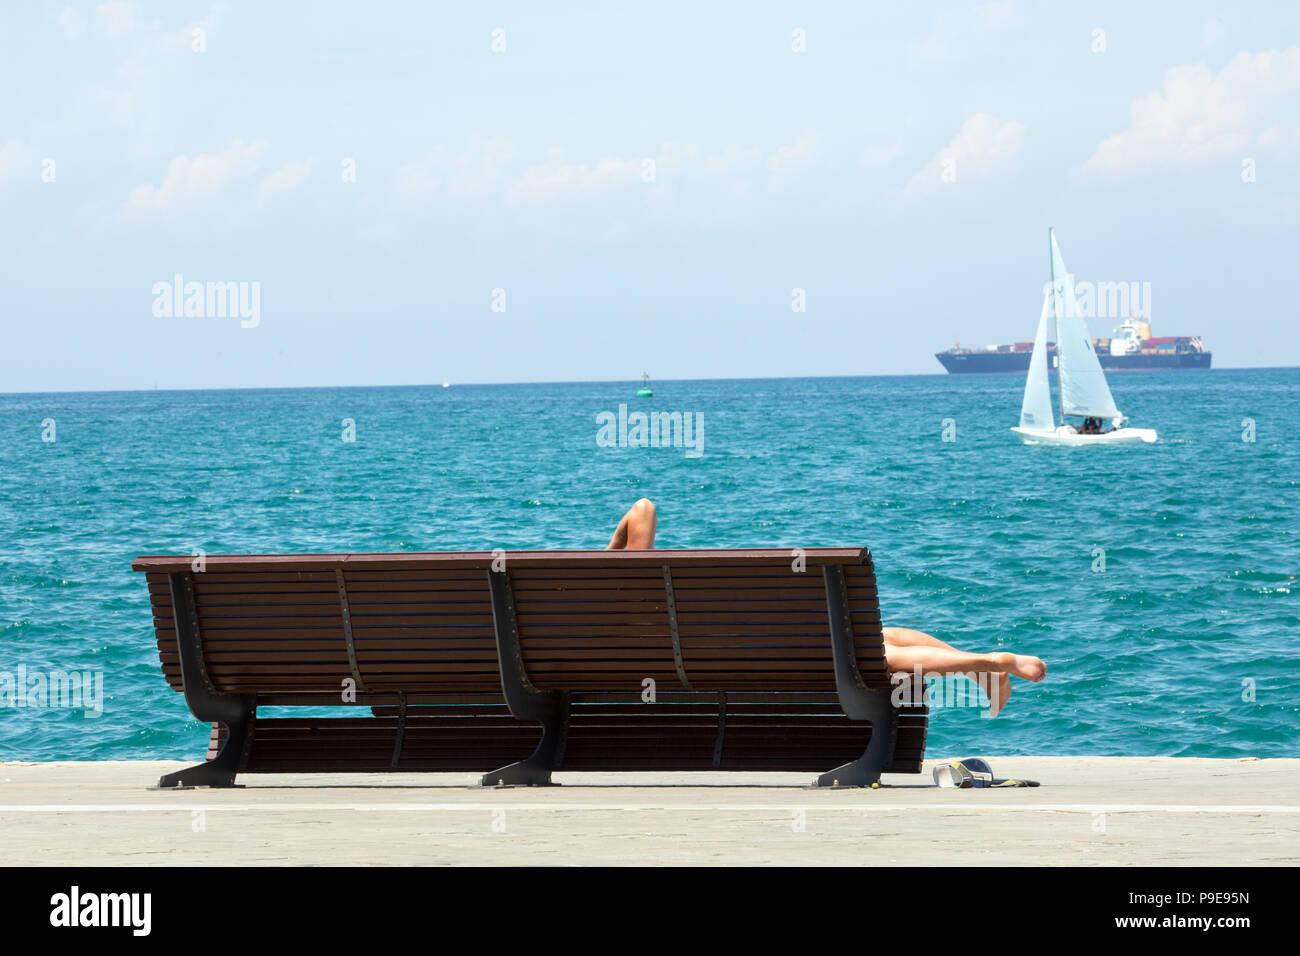 Bagni di sole sulla spiaggia foto & immagine stock: 212370865 alamy